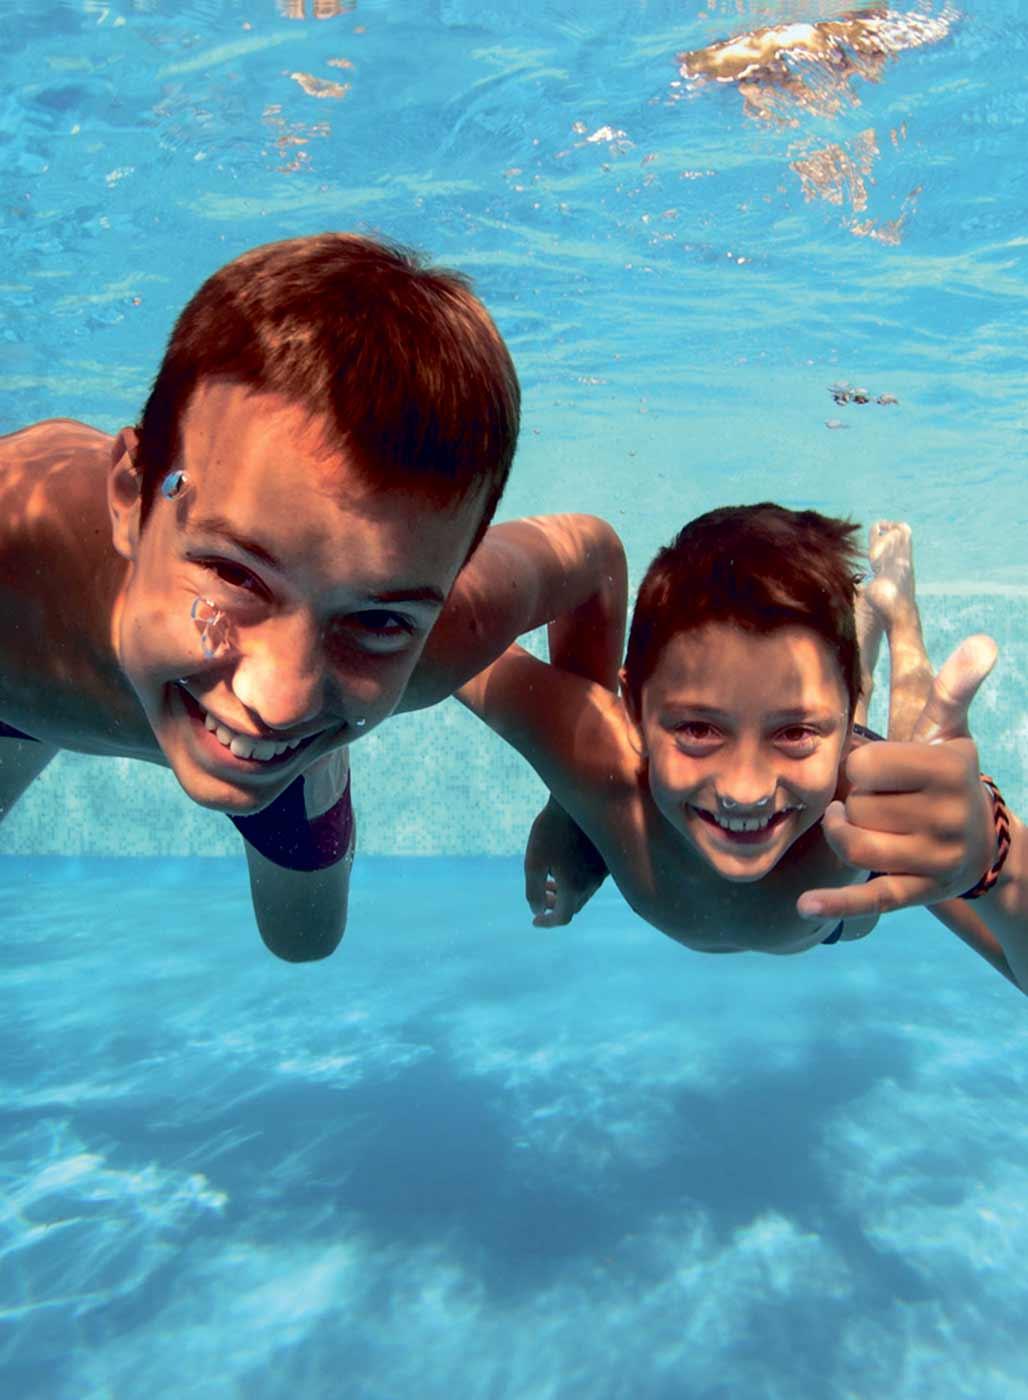 Jungen lachen unter Wasser in die Kamera